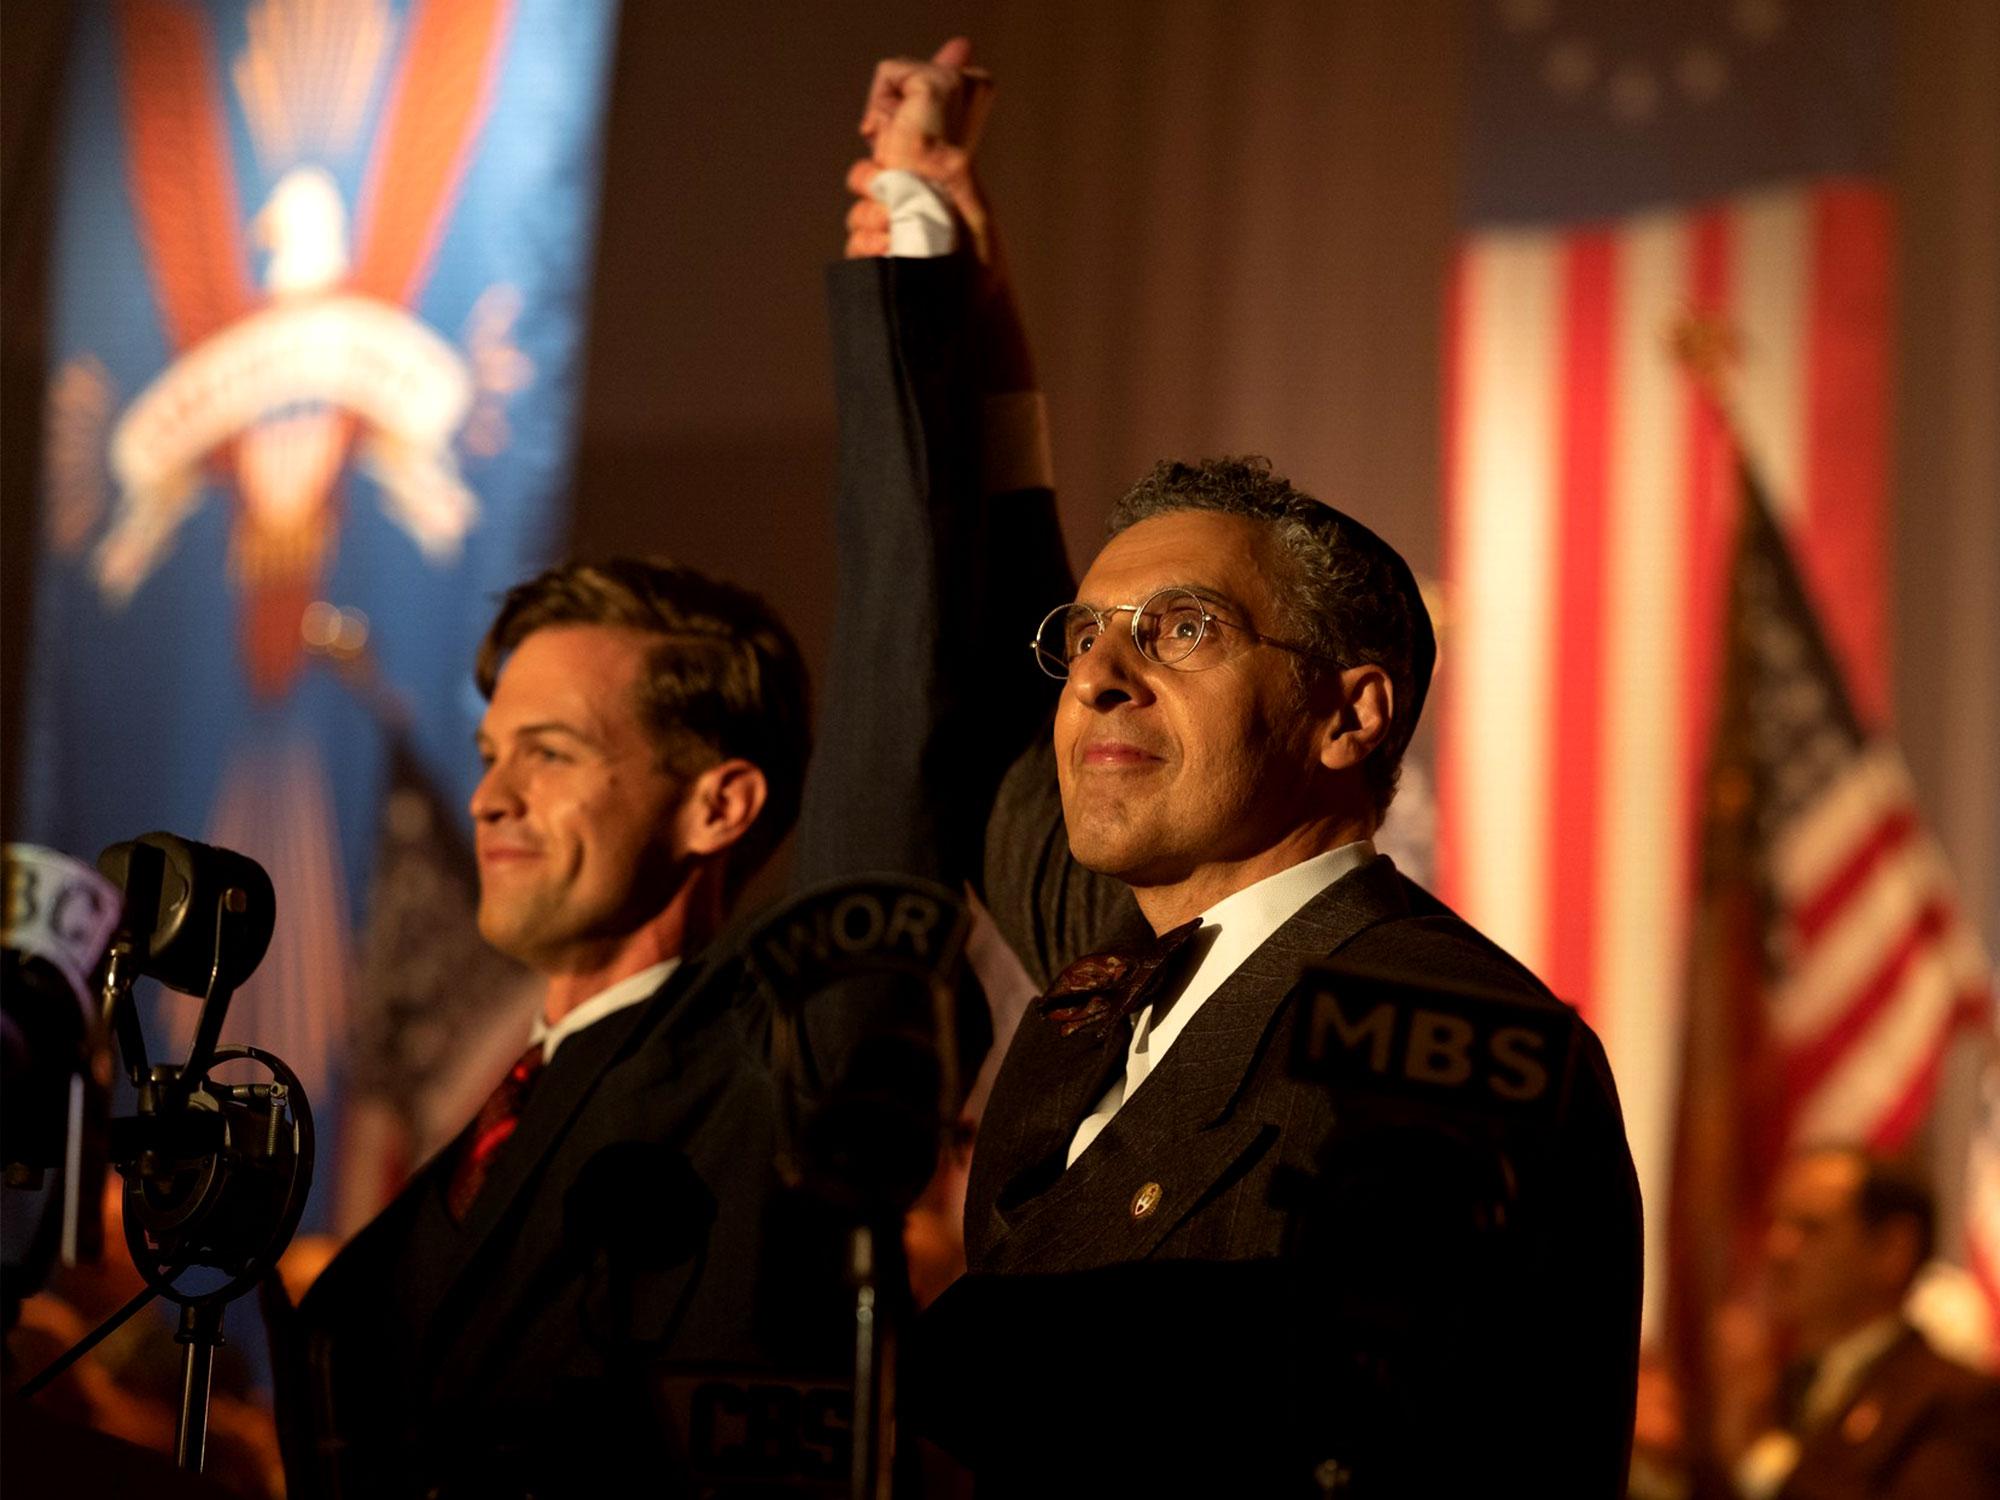 John Turturro in The Plot Against America